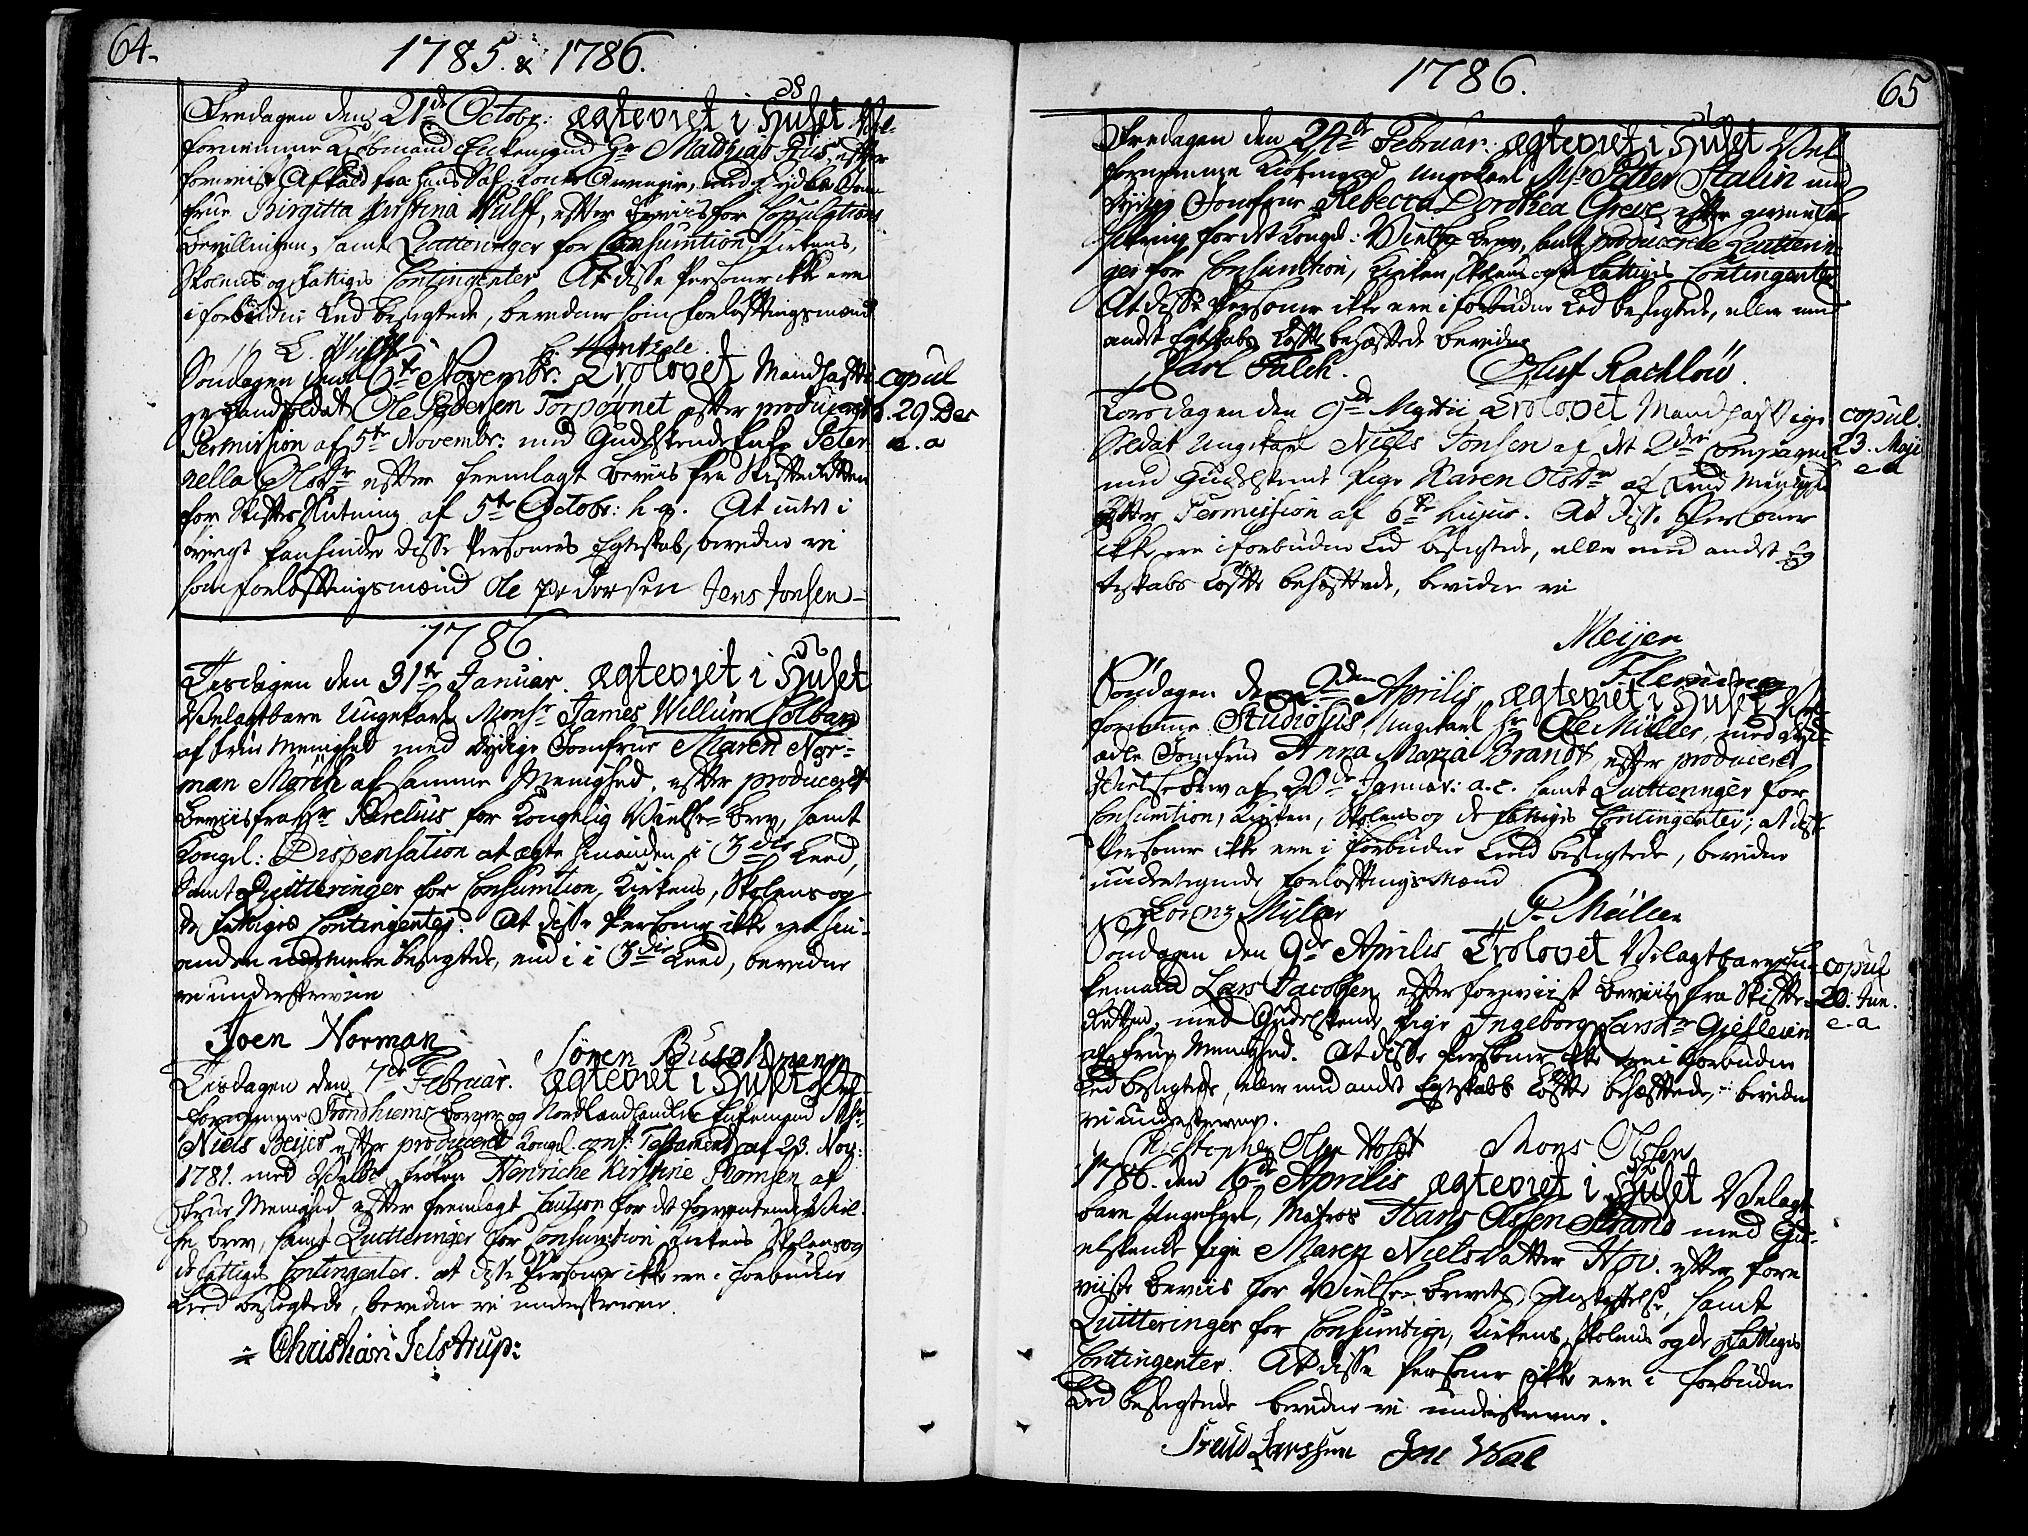 SAT, Ministerialprotokoller, klokkerbøker og fødselsregistre - Sør-Trøndelag, 602/L0105: Ministerialbok nr. 602A03, 1774-1814, s. 64-65